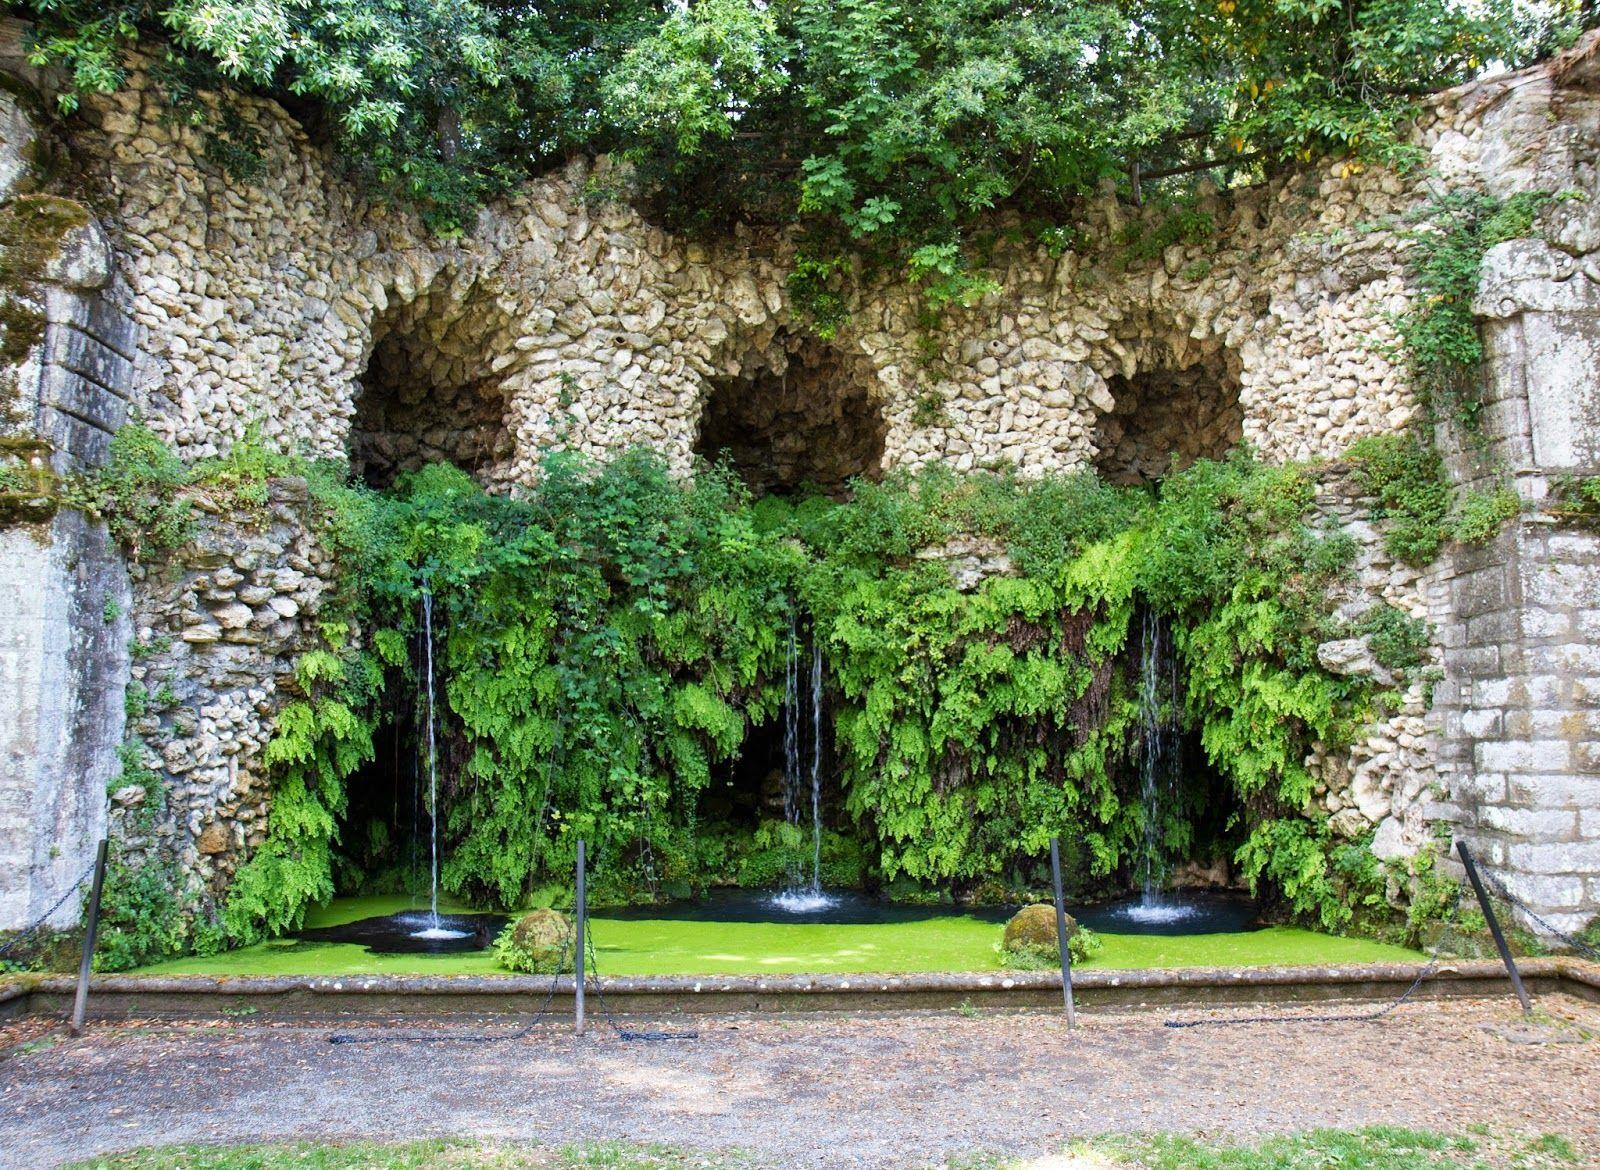 Google Image Result For Https I Pinimg Com Originals 5b 64 1f 5b641f759e2dddead7017716f0382e36 Jpg Renaissance Gardens Italian Garden Garden Styles